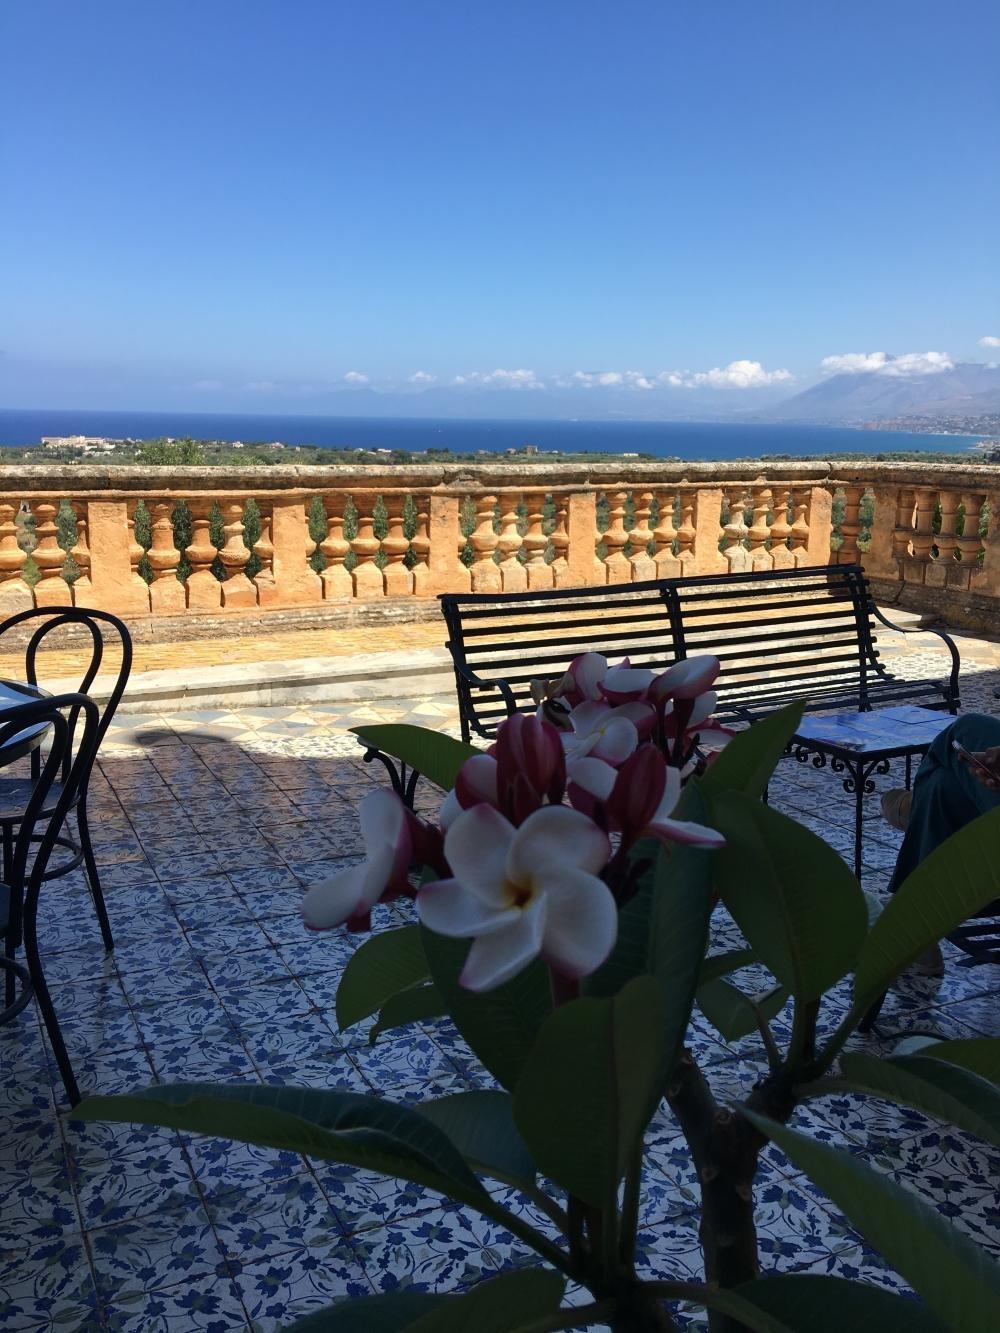 rocaille-blog-villa-valguarnera-bagheria-sicilia-salone-ercole-10-e1584568730100